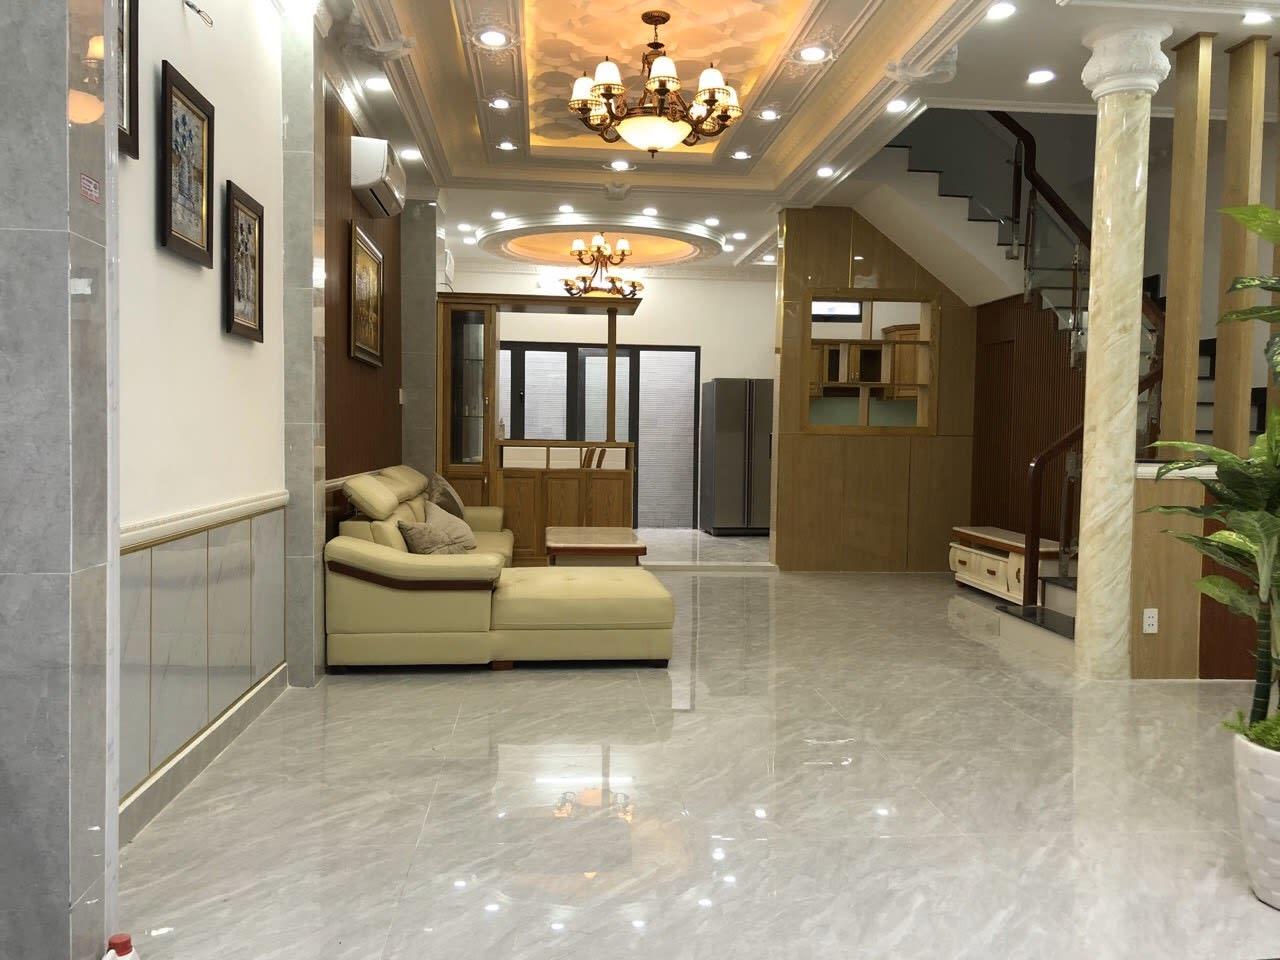 Gấp gấp nhà mặt tiền khu Him Lam Tân Hưng 11.5 tỷ. DT 4×16.5m 4 tầng